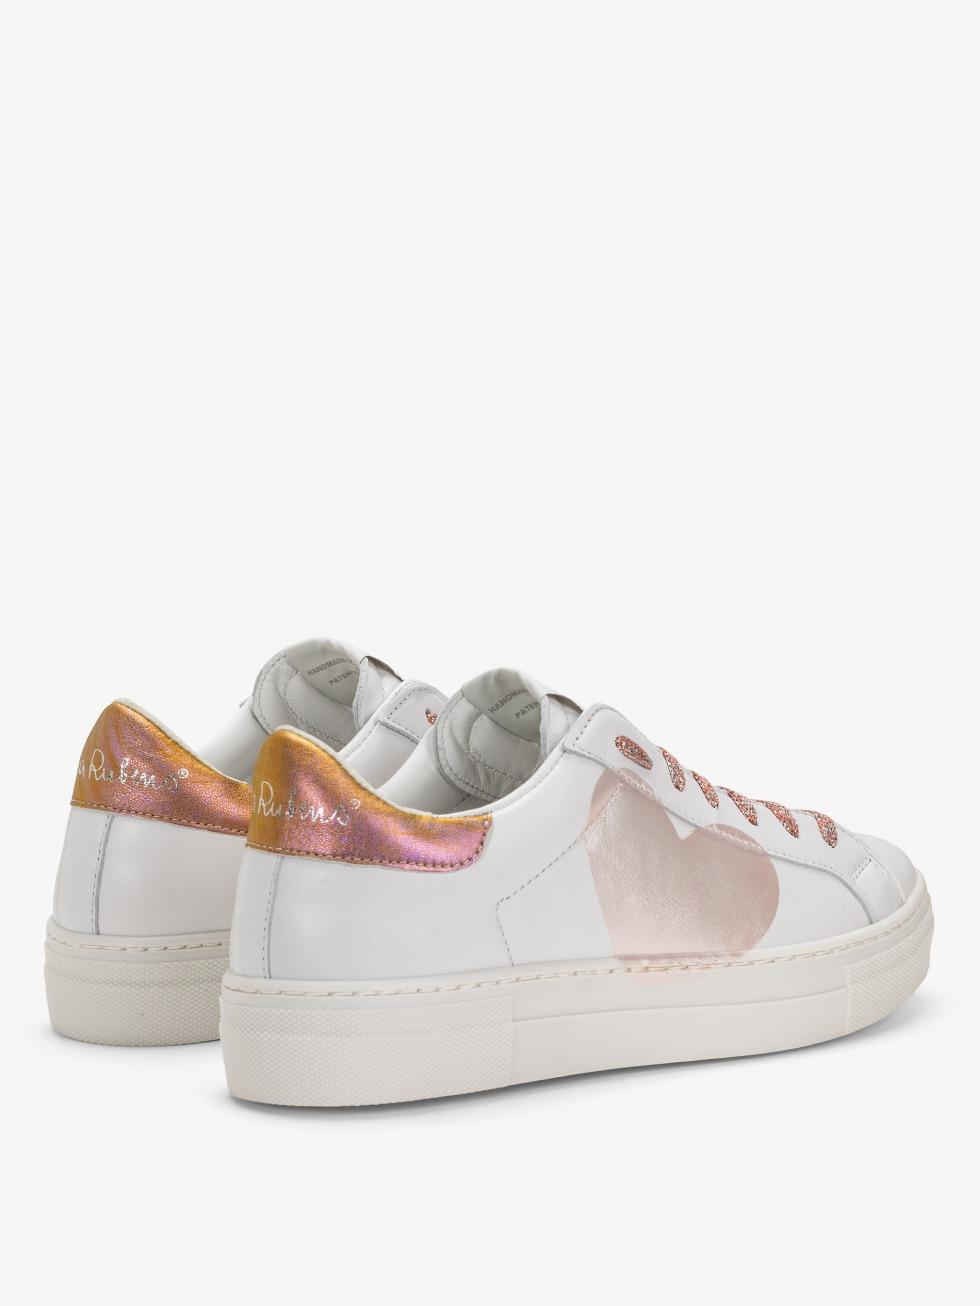 Martini Maracana Sneakers - Heart